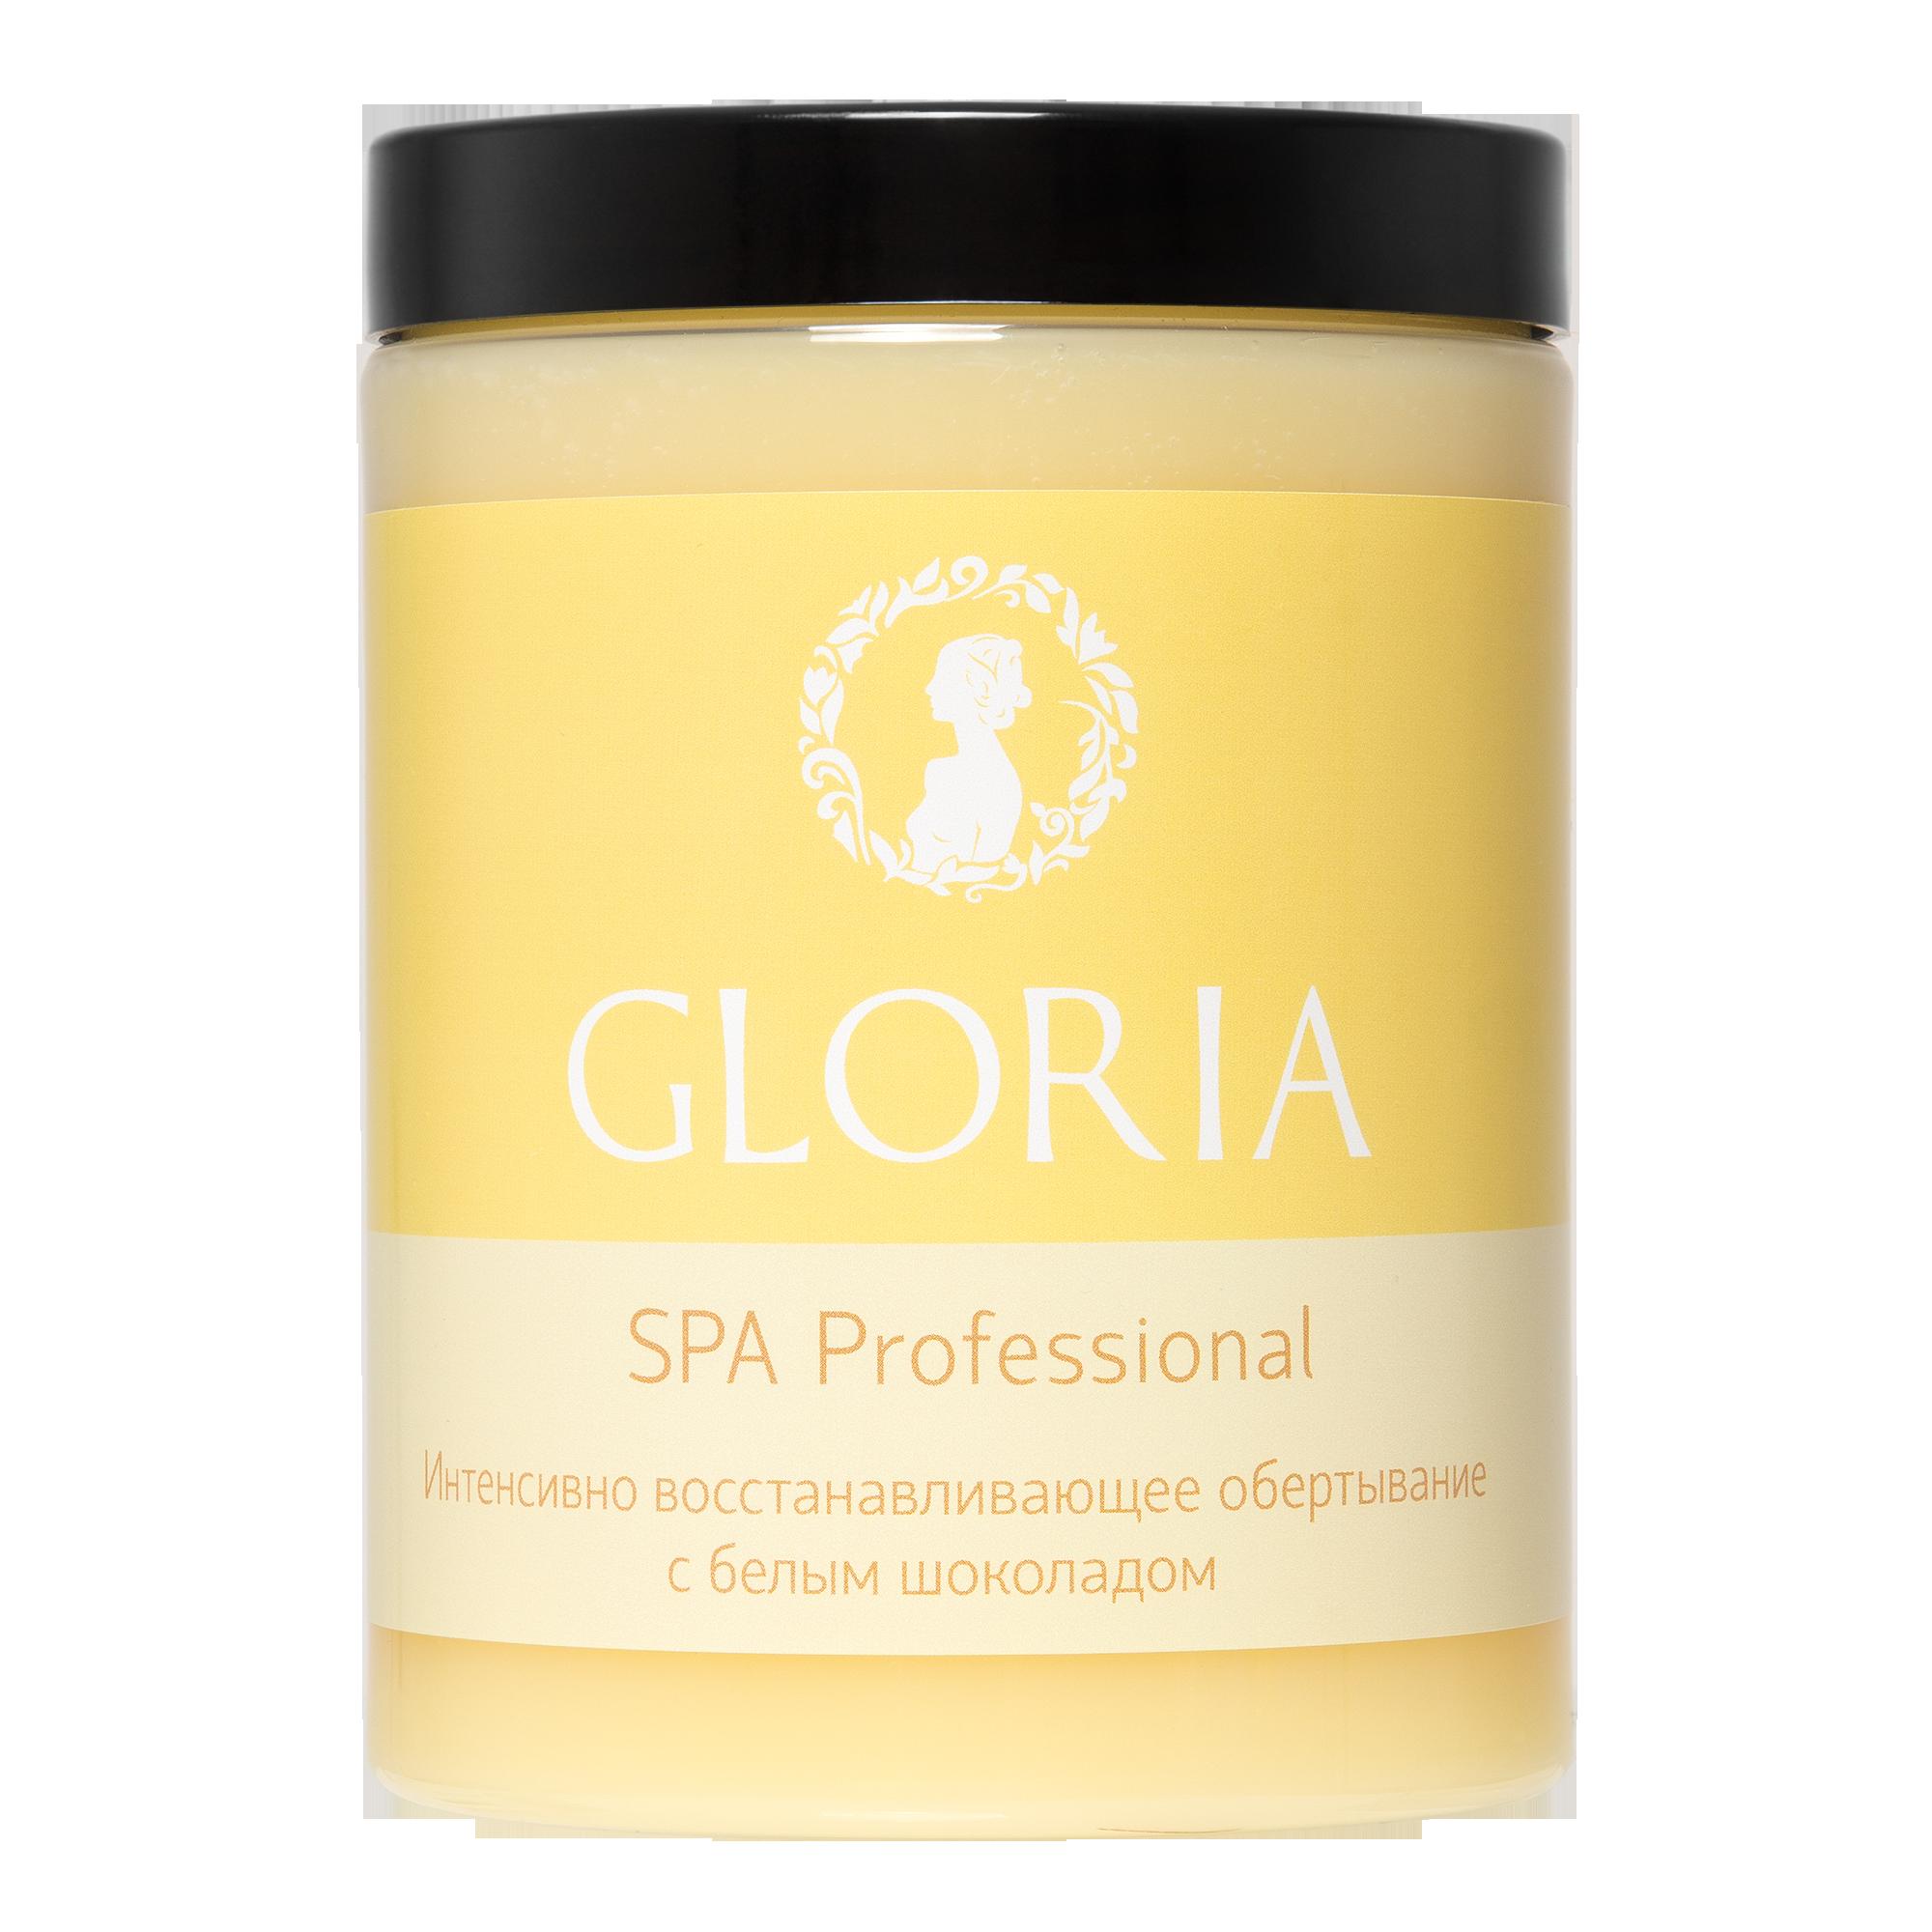 GLORIA Обертывание восстанавливающее с белым шоколадом / SPA 1000 мл - Обертывания